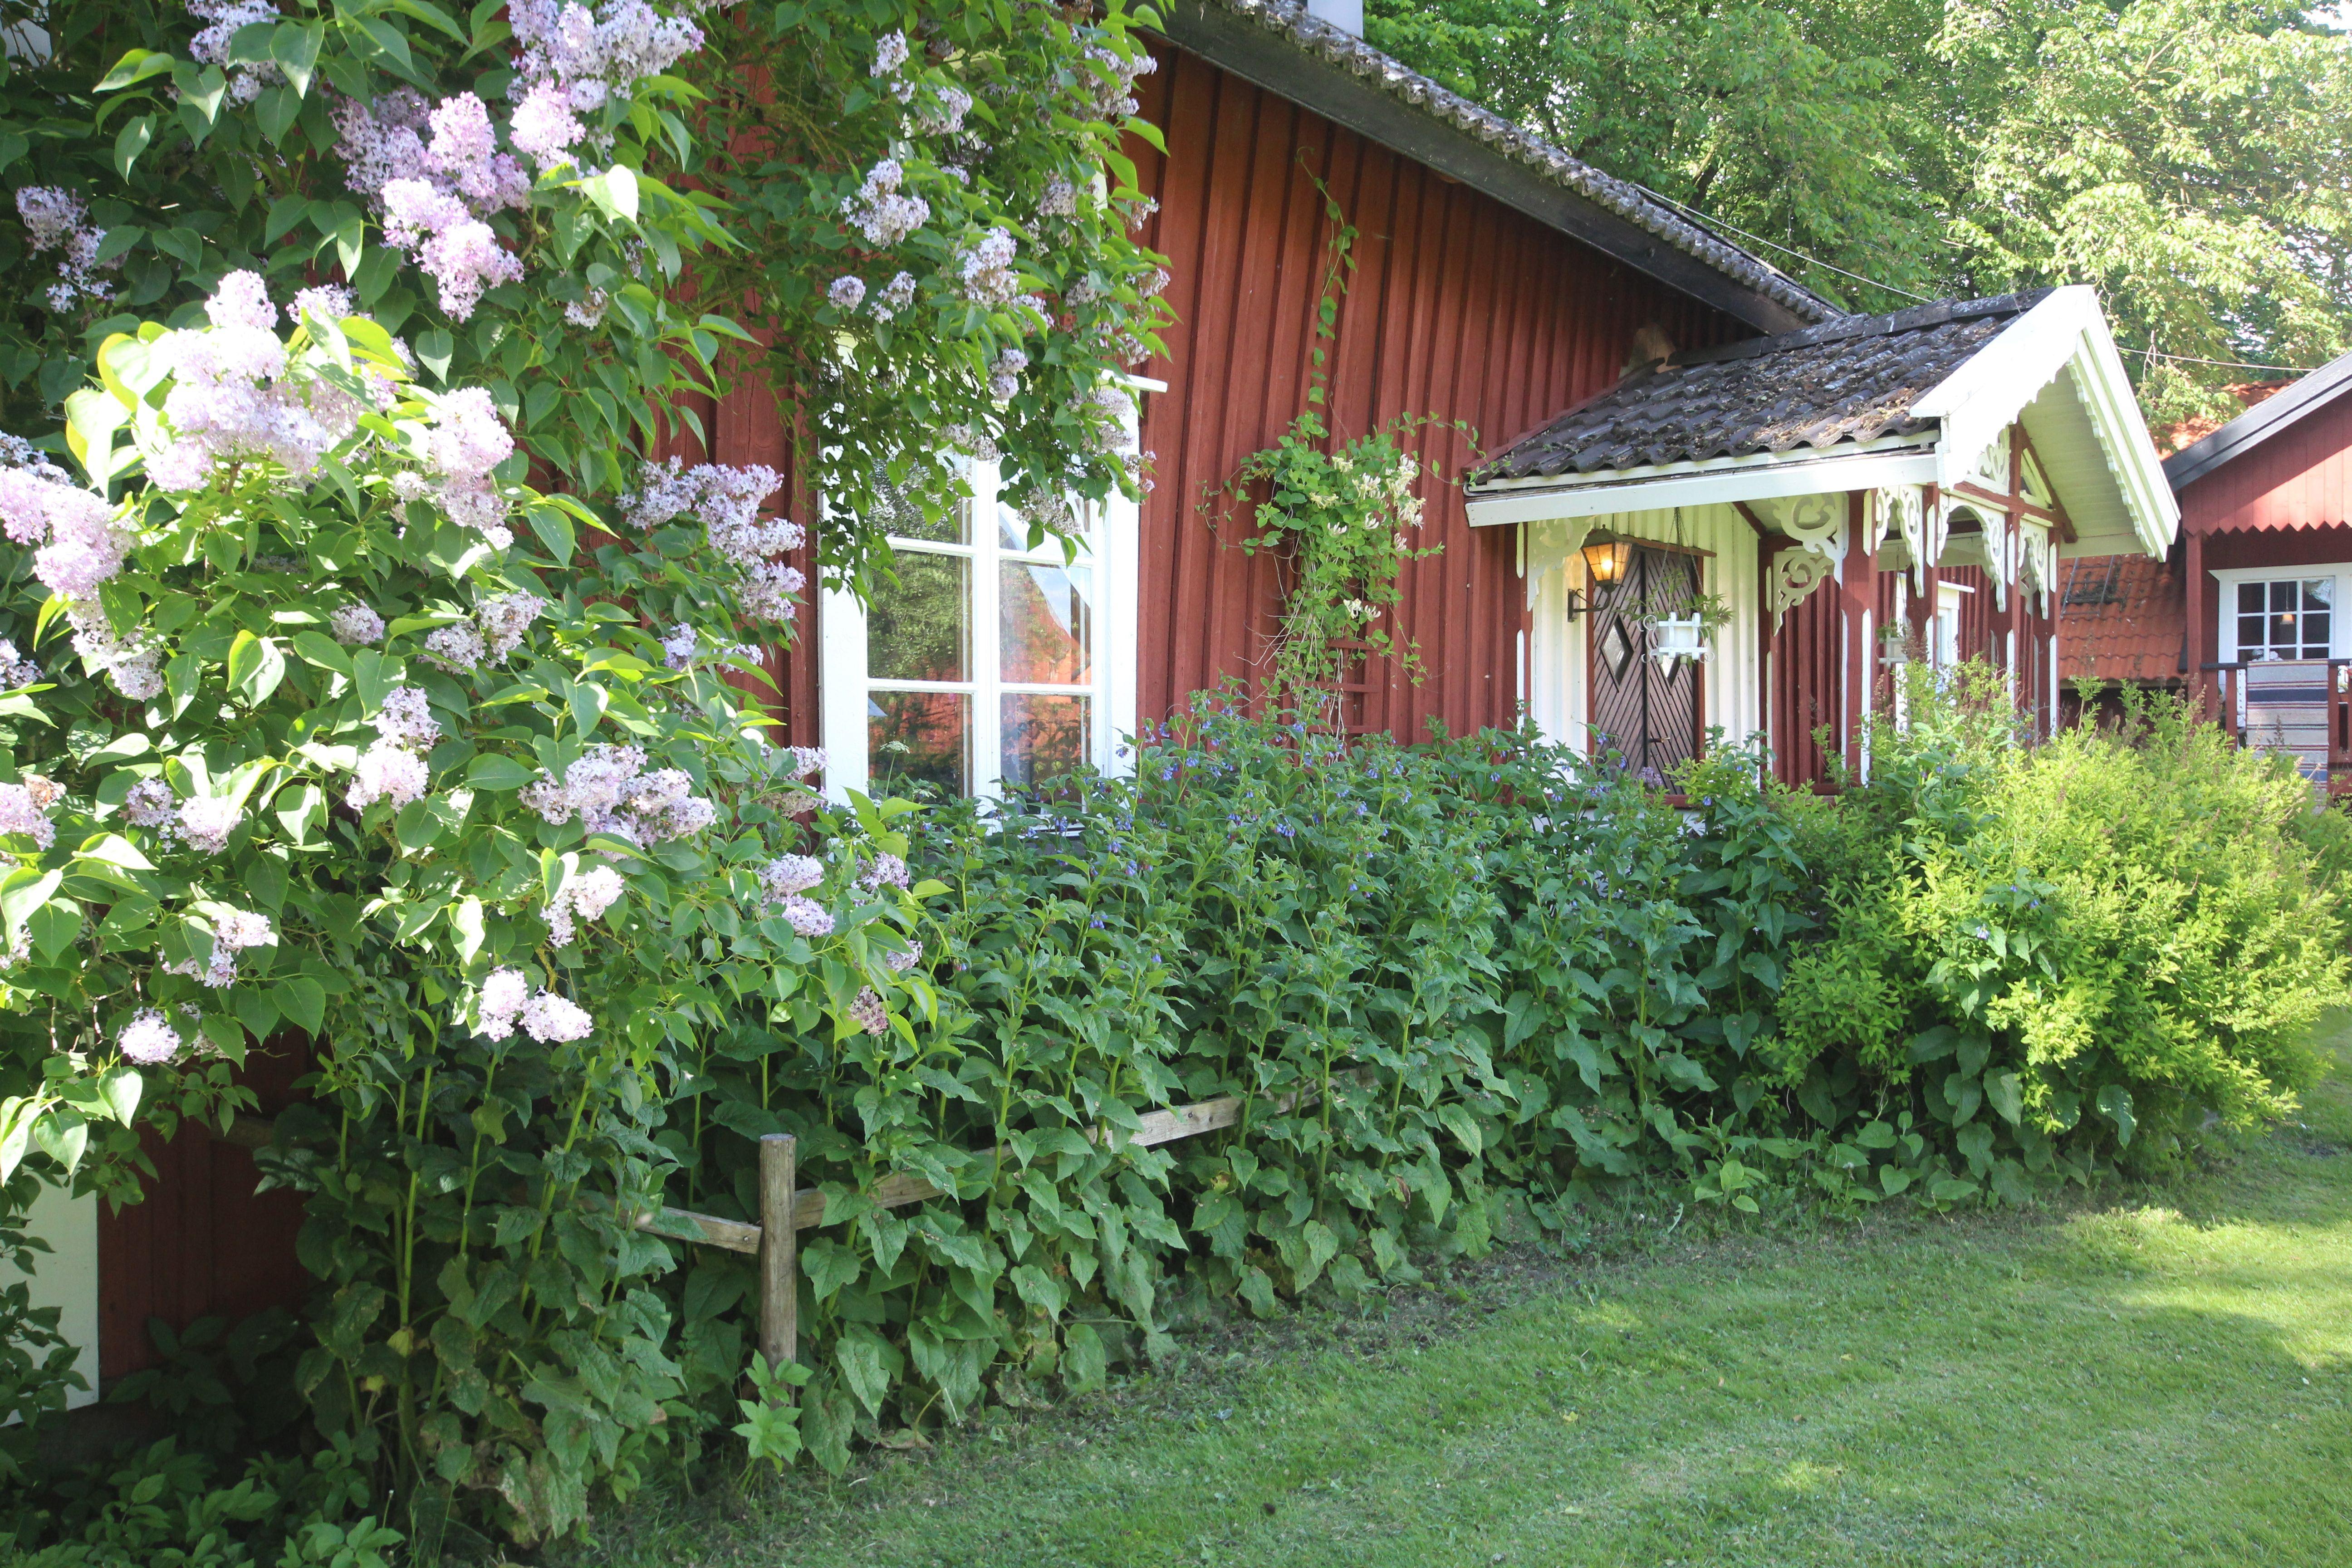 Liden Lantbruk B & B, Falköping